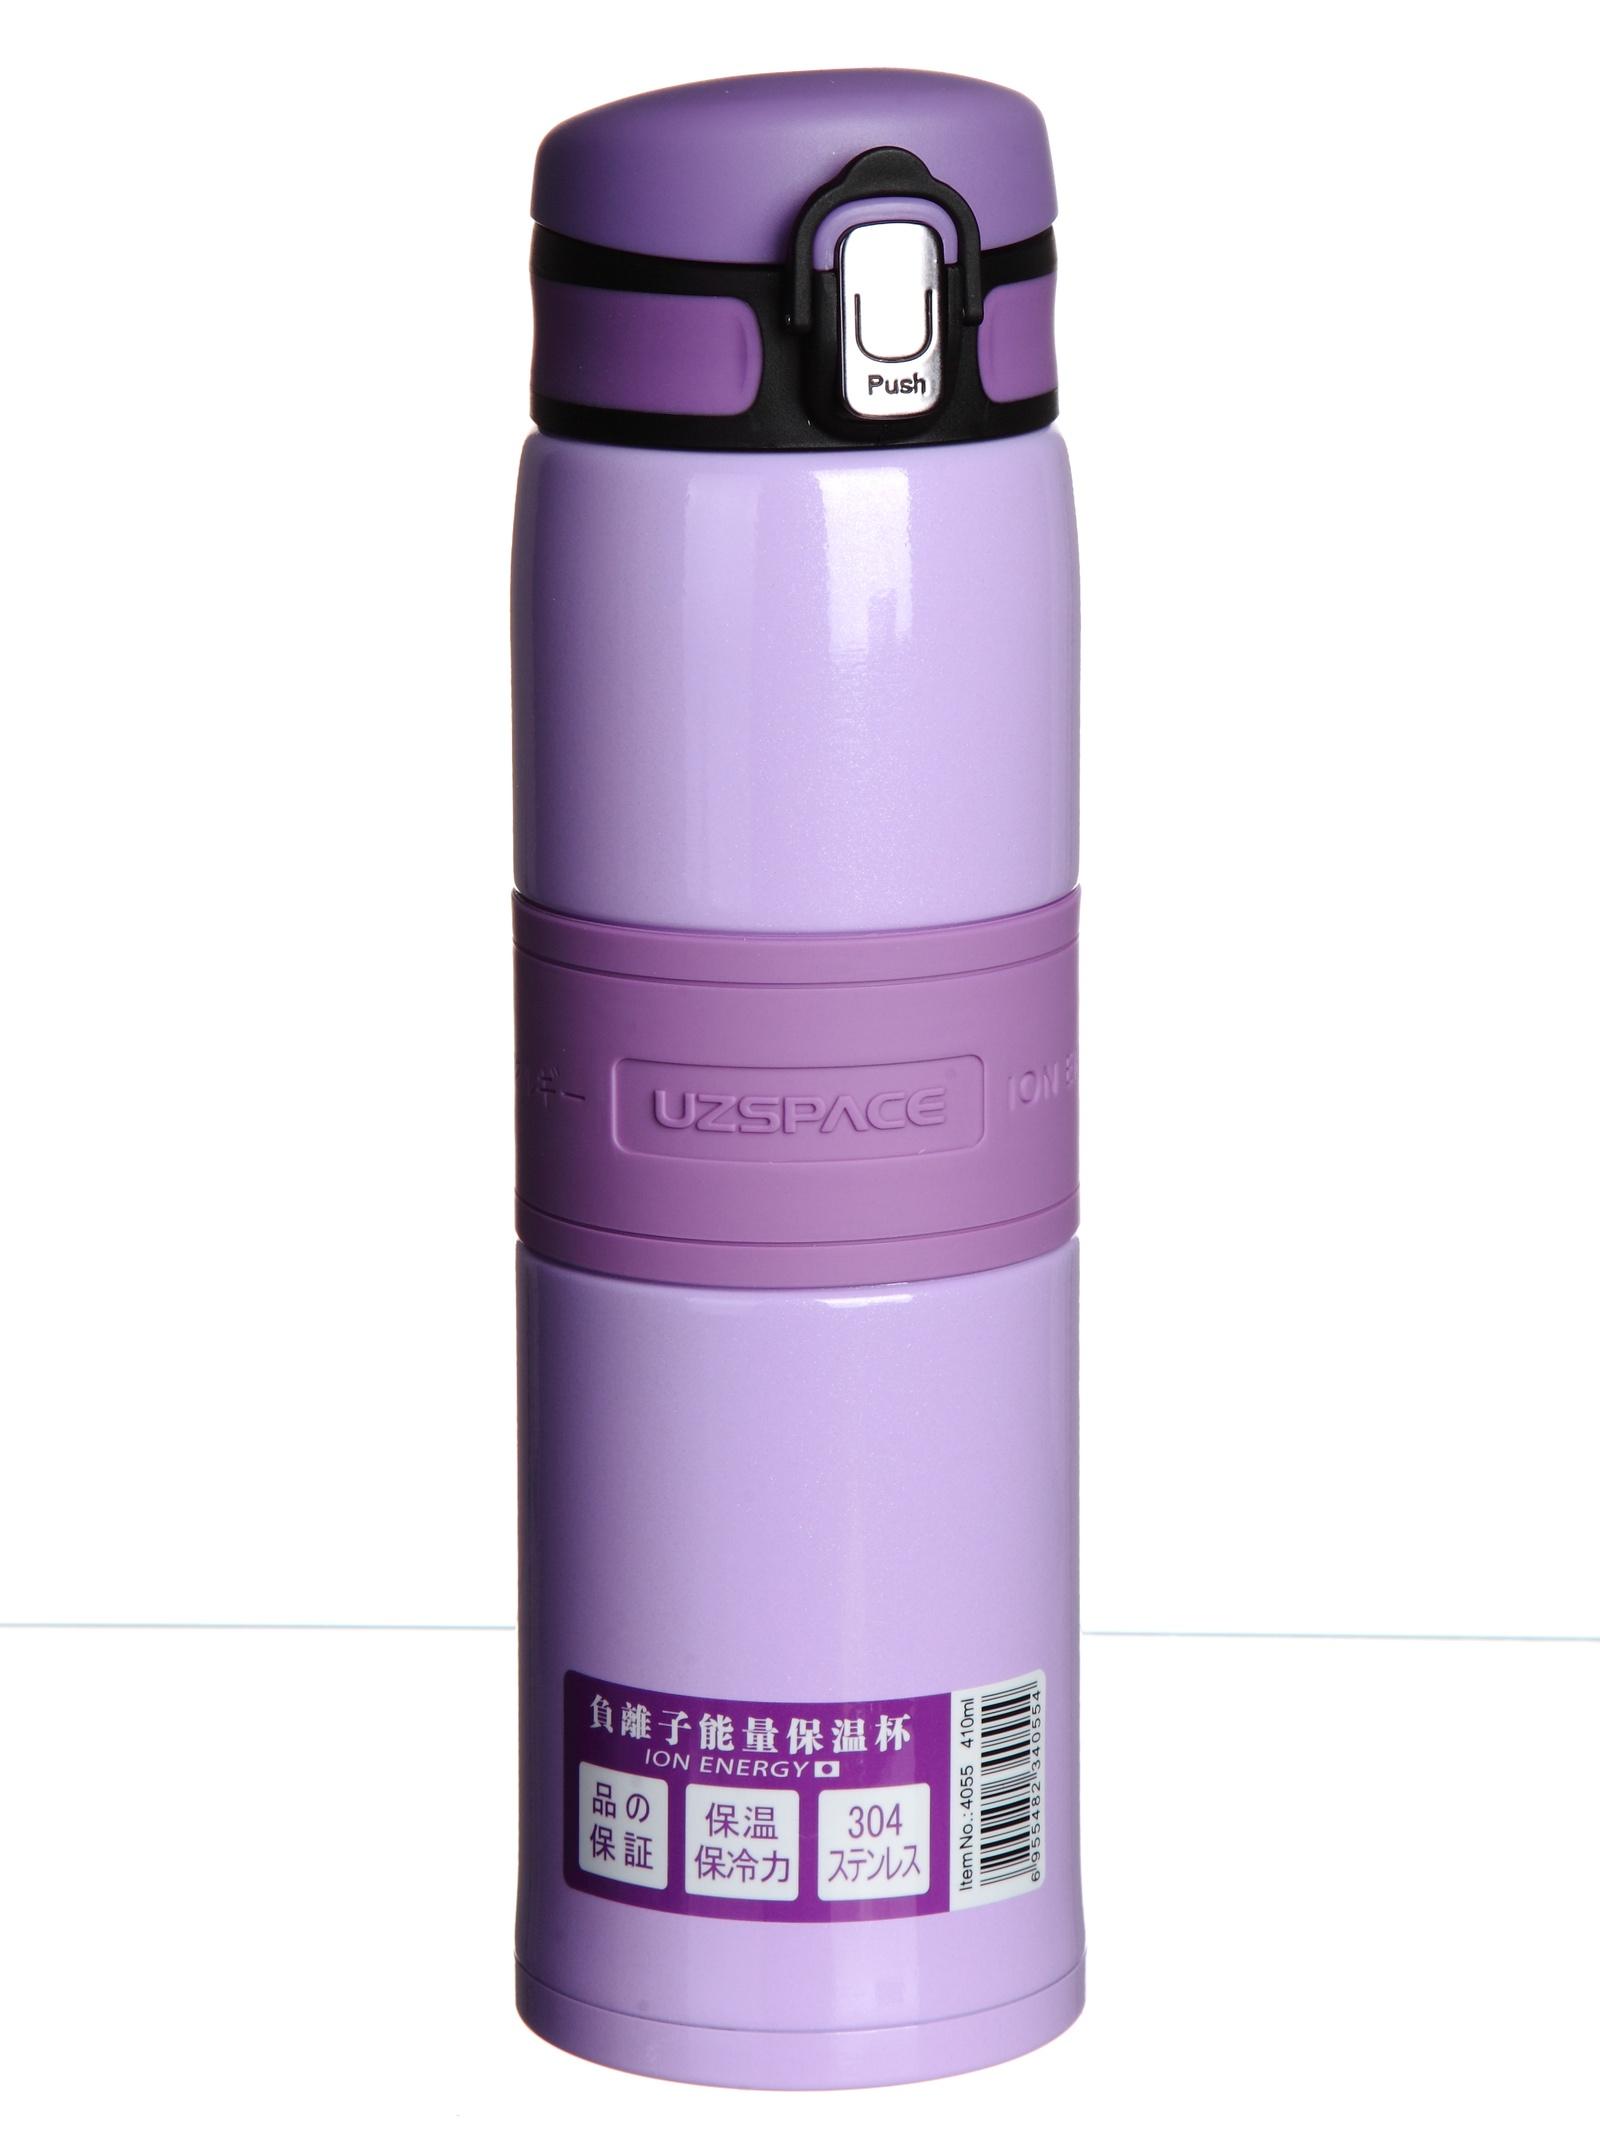 Термос Uzspace, 4055, фиолетовый, 410 мл